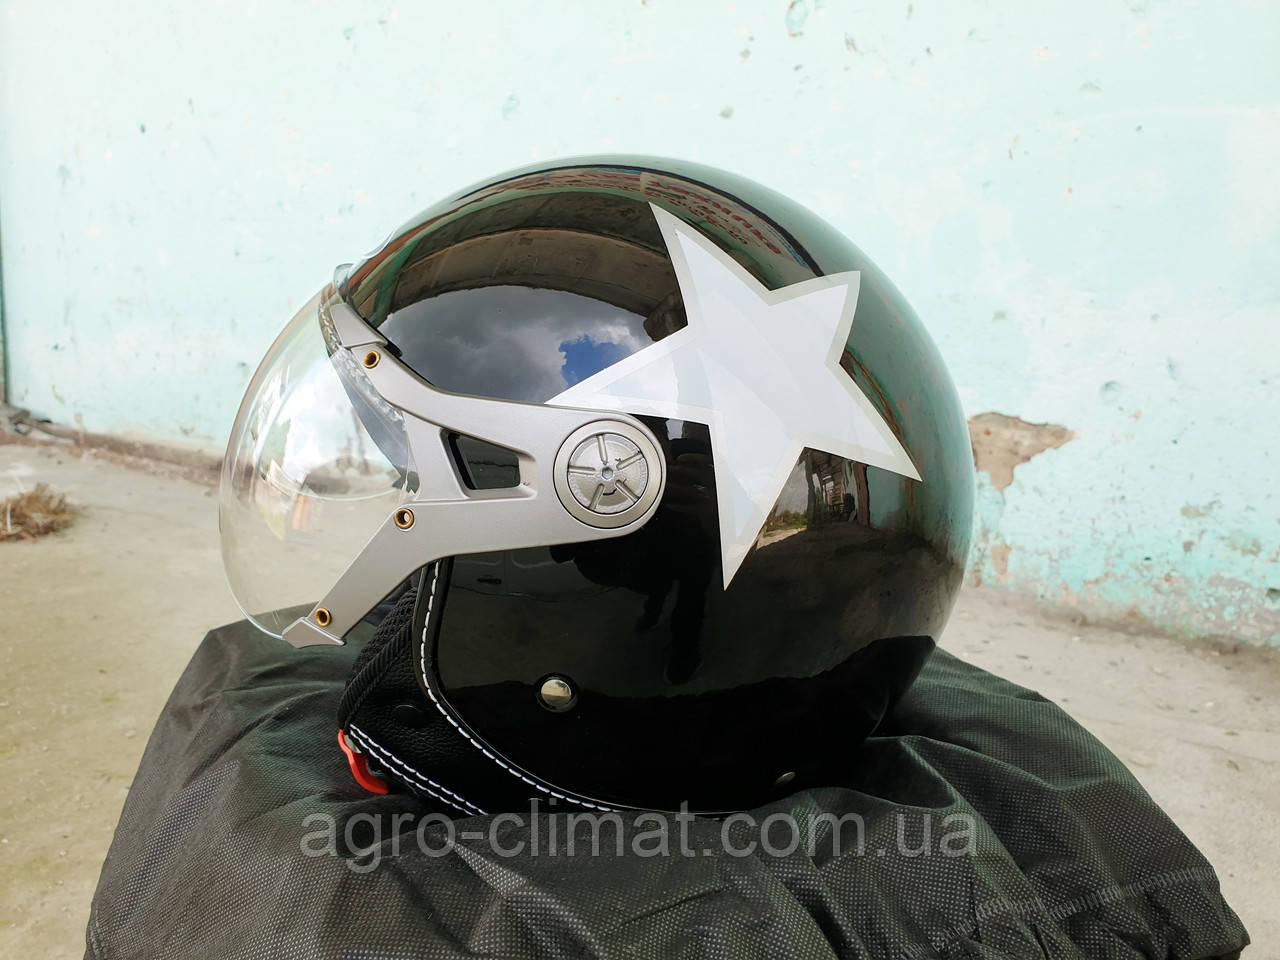 Шлем FXW HF-225 со звездой